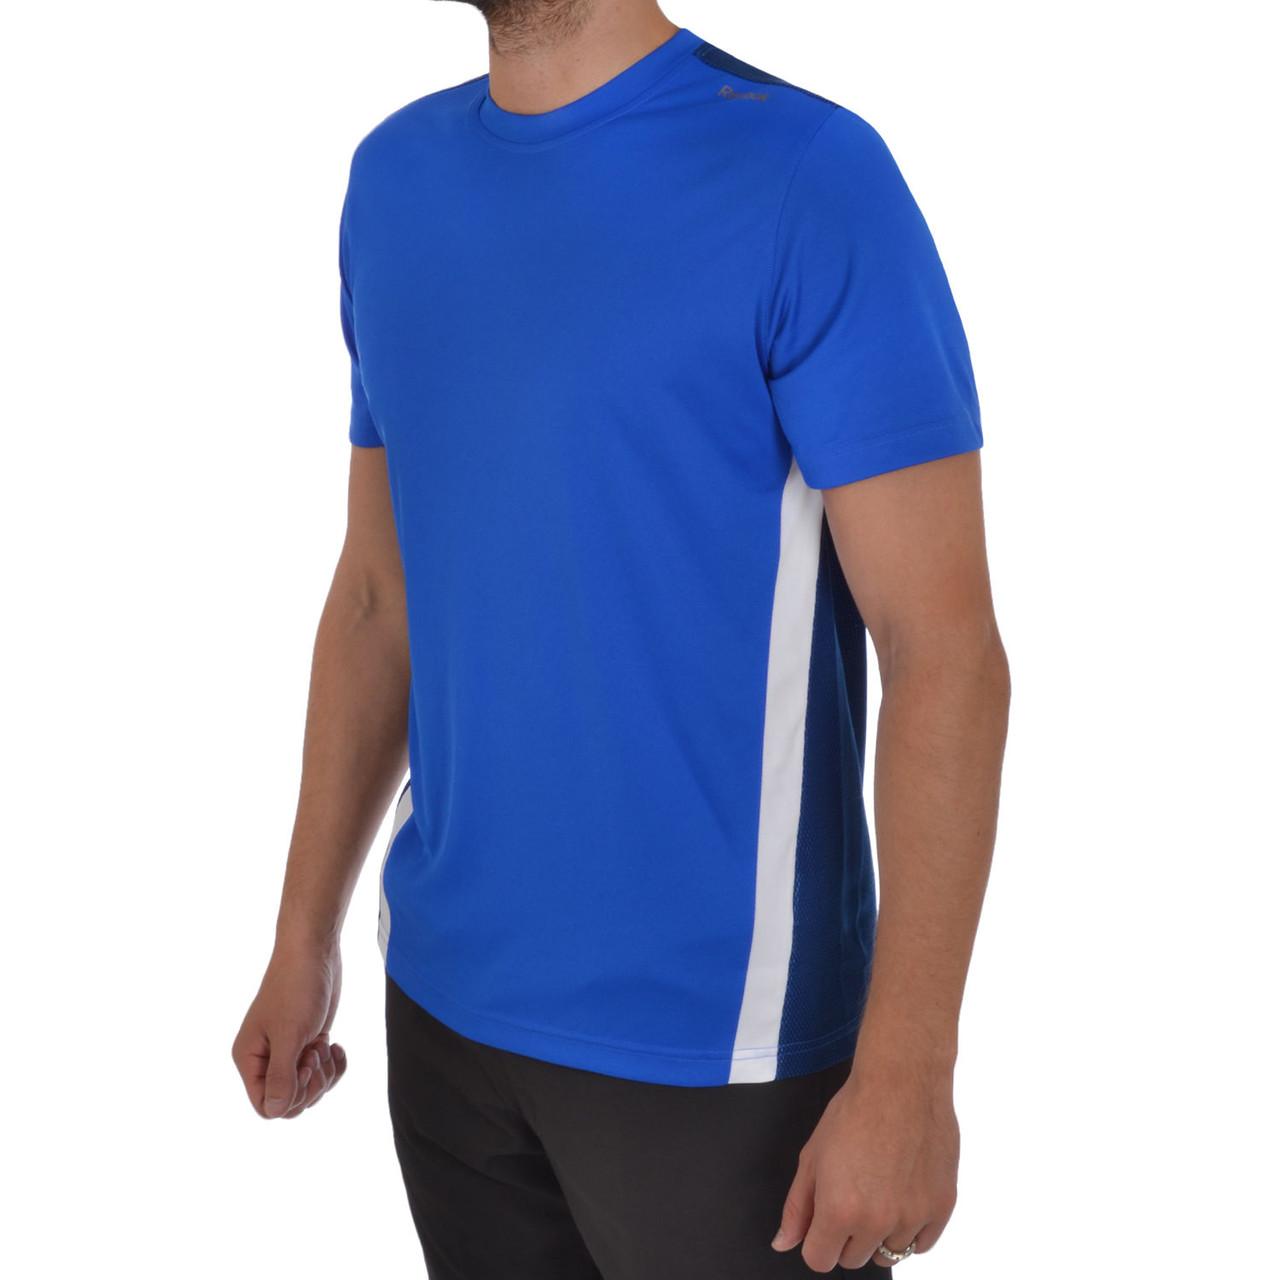 Футболка спортивная, мужская Reebok Playdry Mens Short Sleeve Relaxed Fit Running Gym T Shirt X50428 адидас